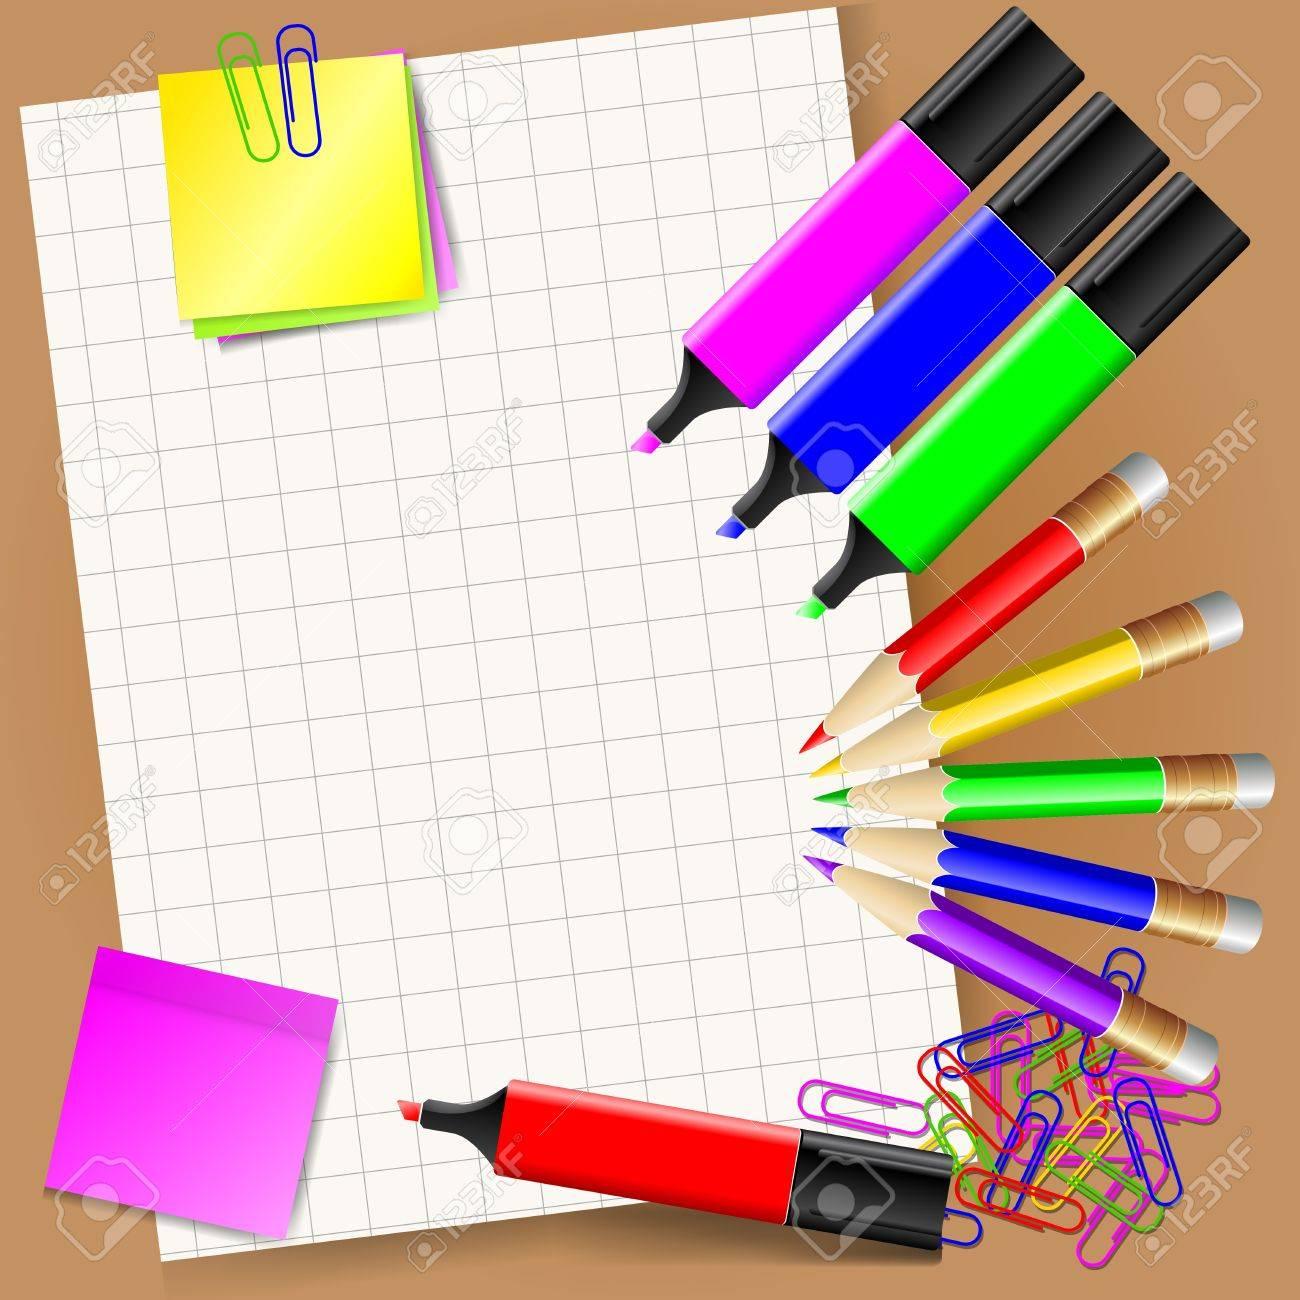 Белый лист бумаги и фломастеры